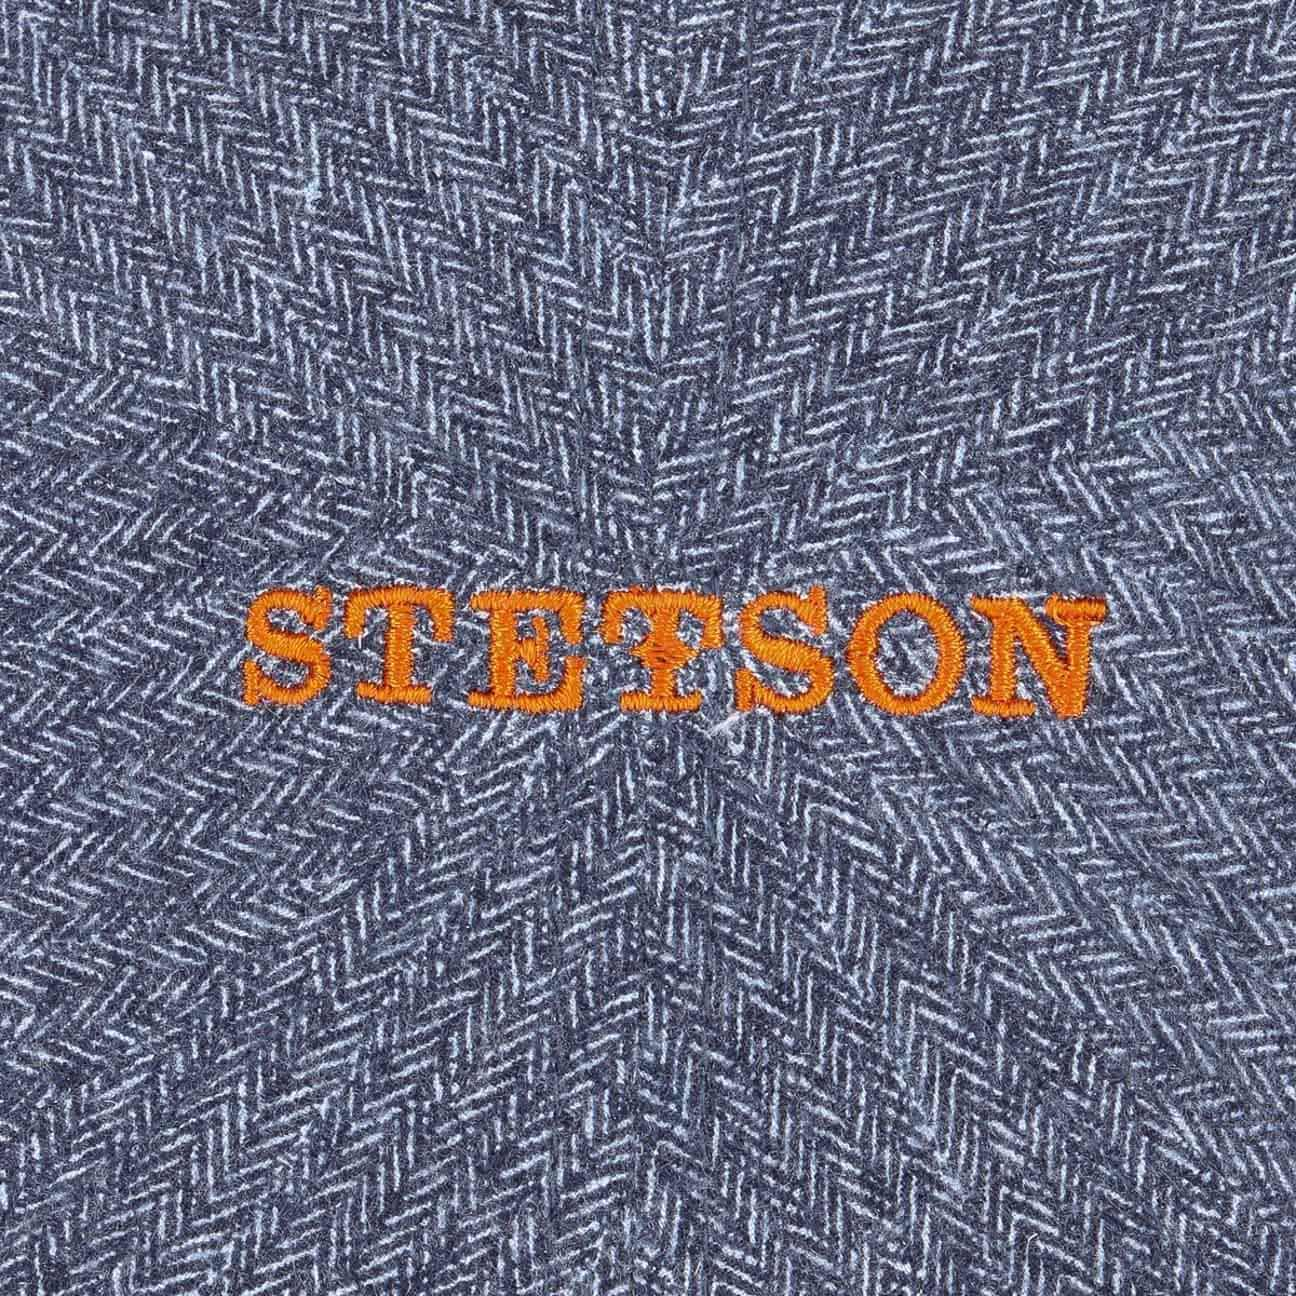 ... Texas Wool Gatsby Cap Coppola by Stetson - blu 7 ... 1b998eb0a20c